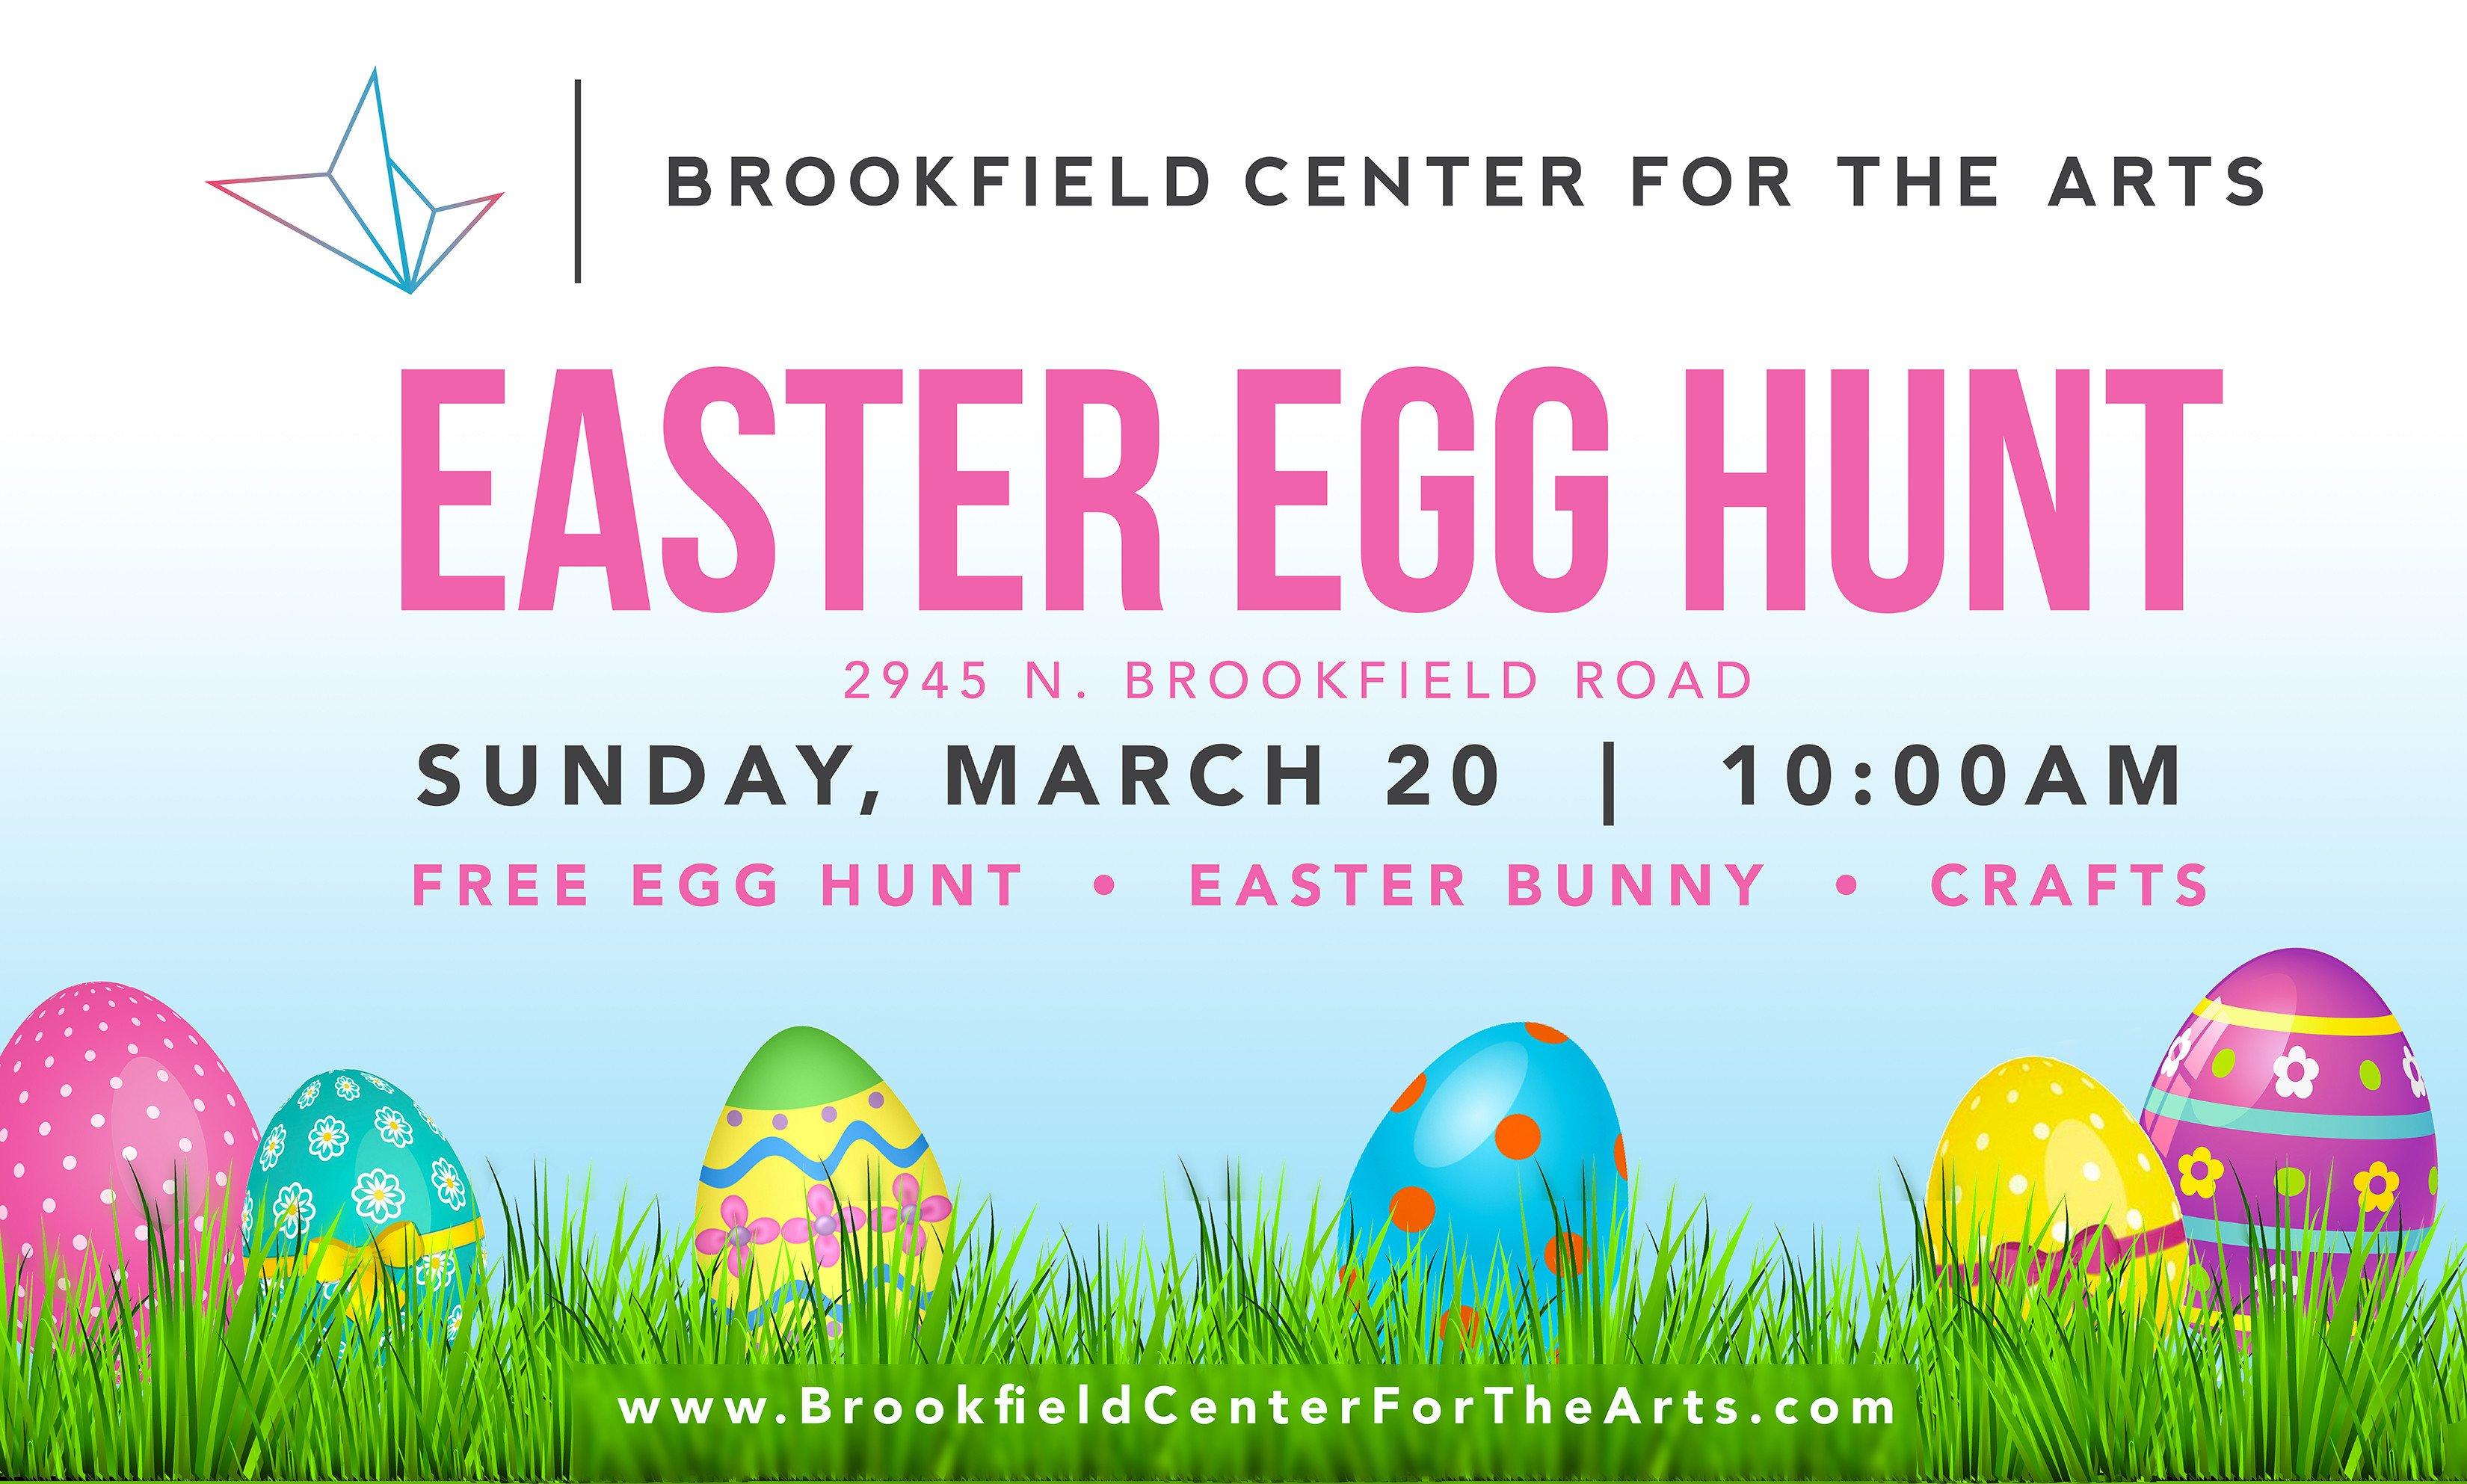 Easter Egg Hunt Flyer Brookfield Center for the Artsbrookfield 2016 Easter Egg